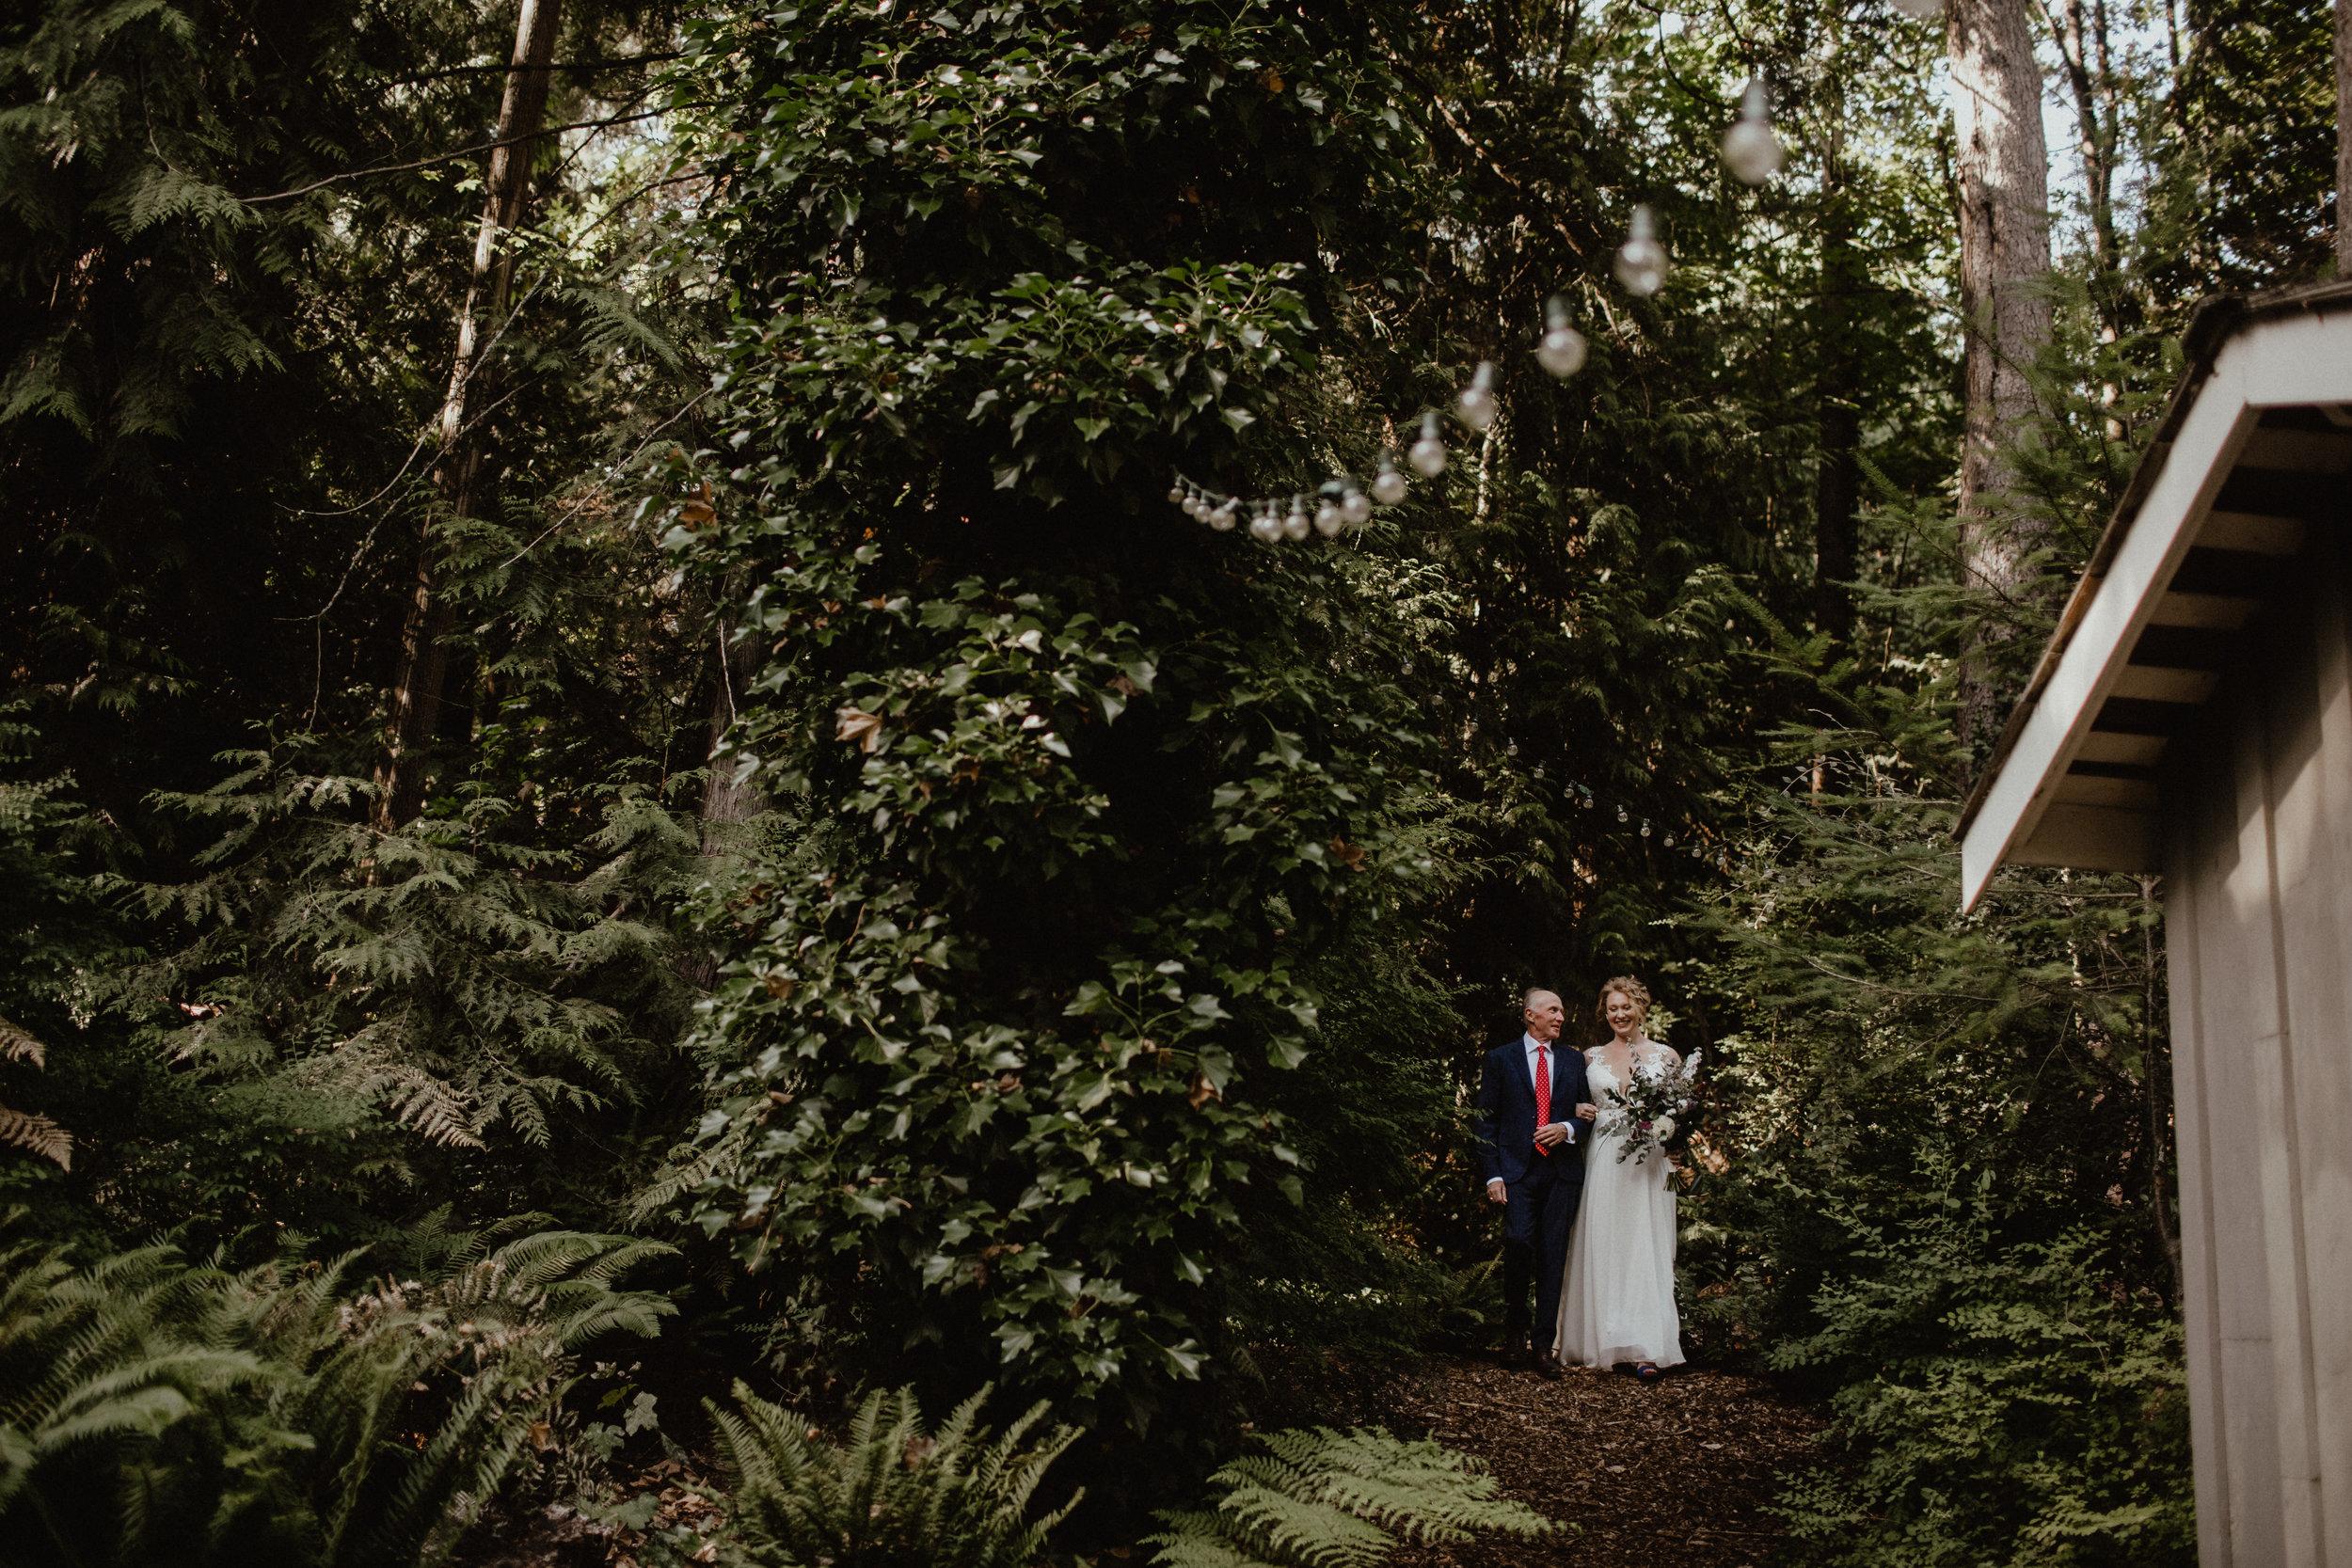 west-vancouver-backyard-wedding-87.jpg